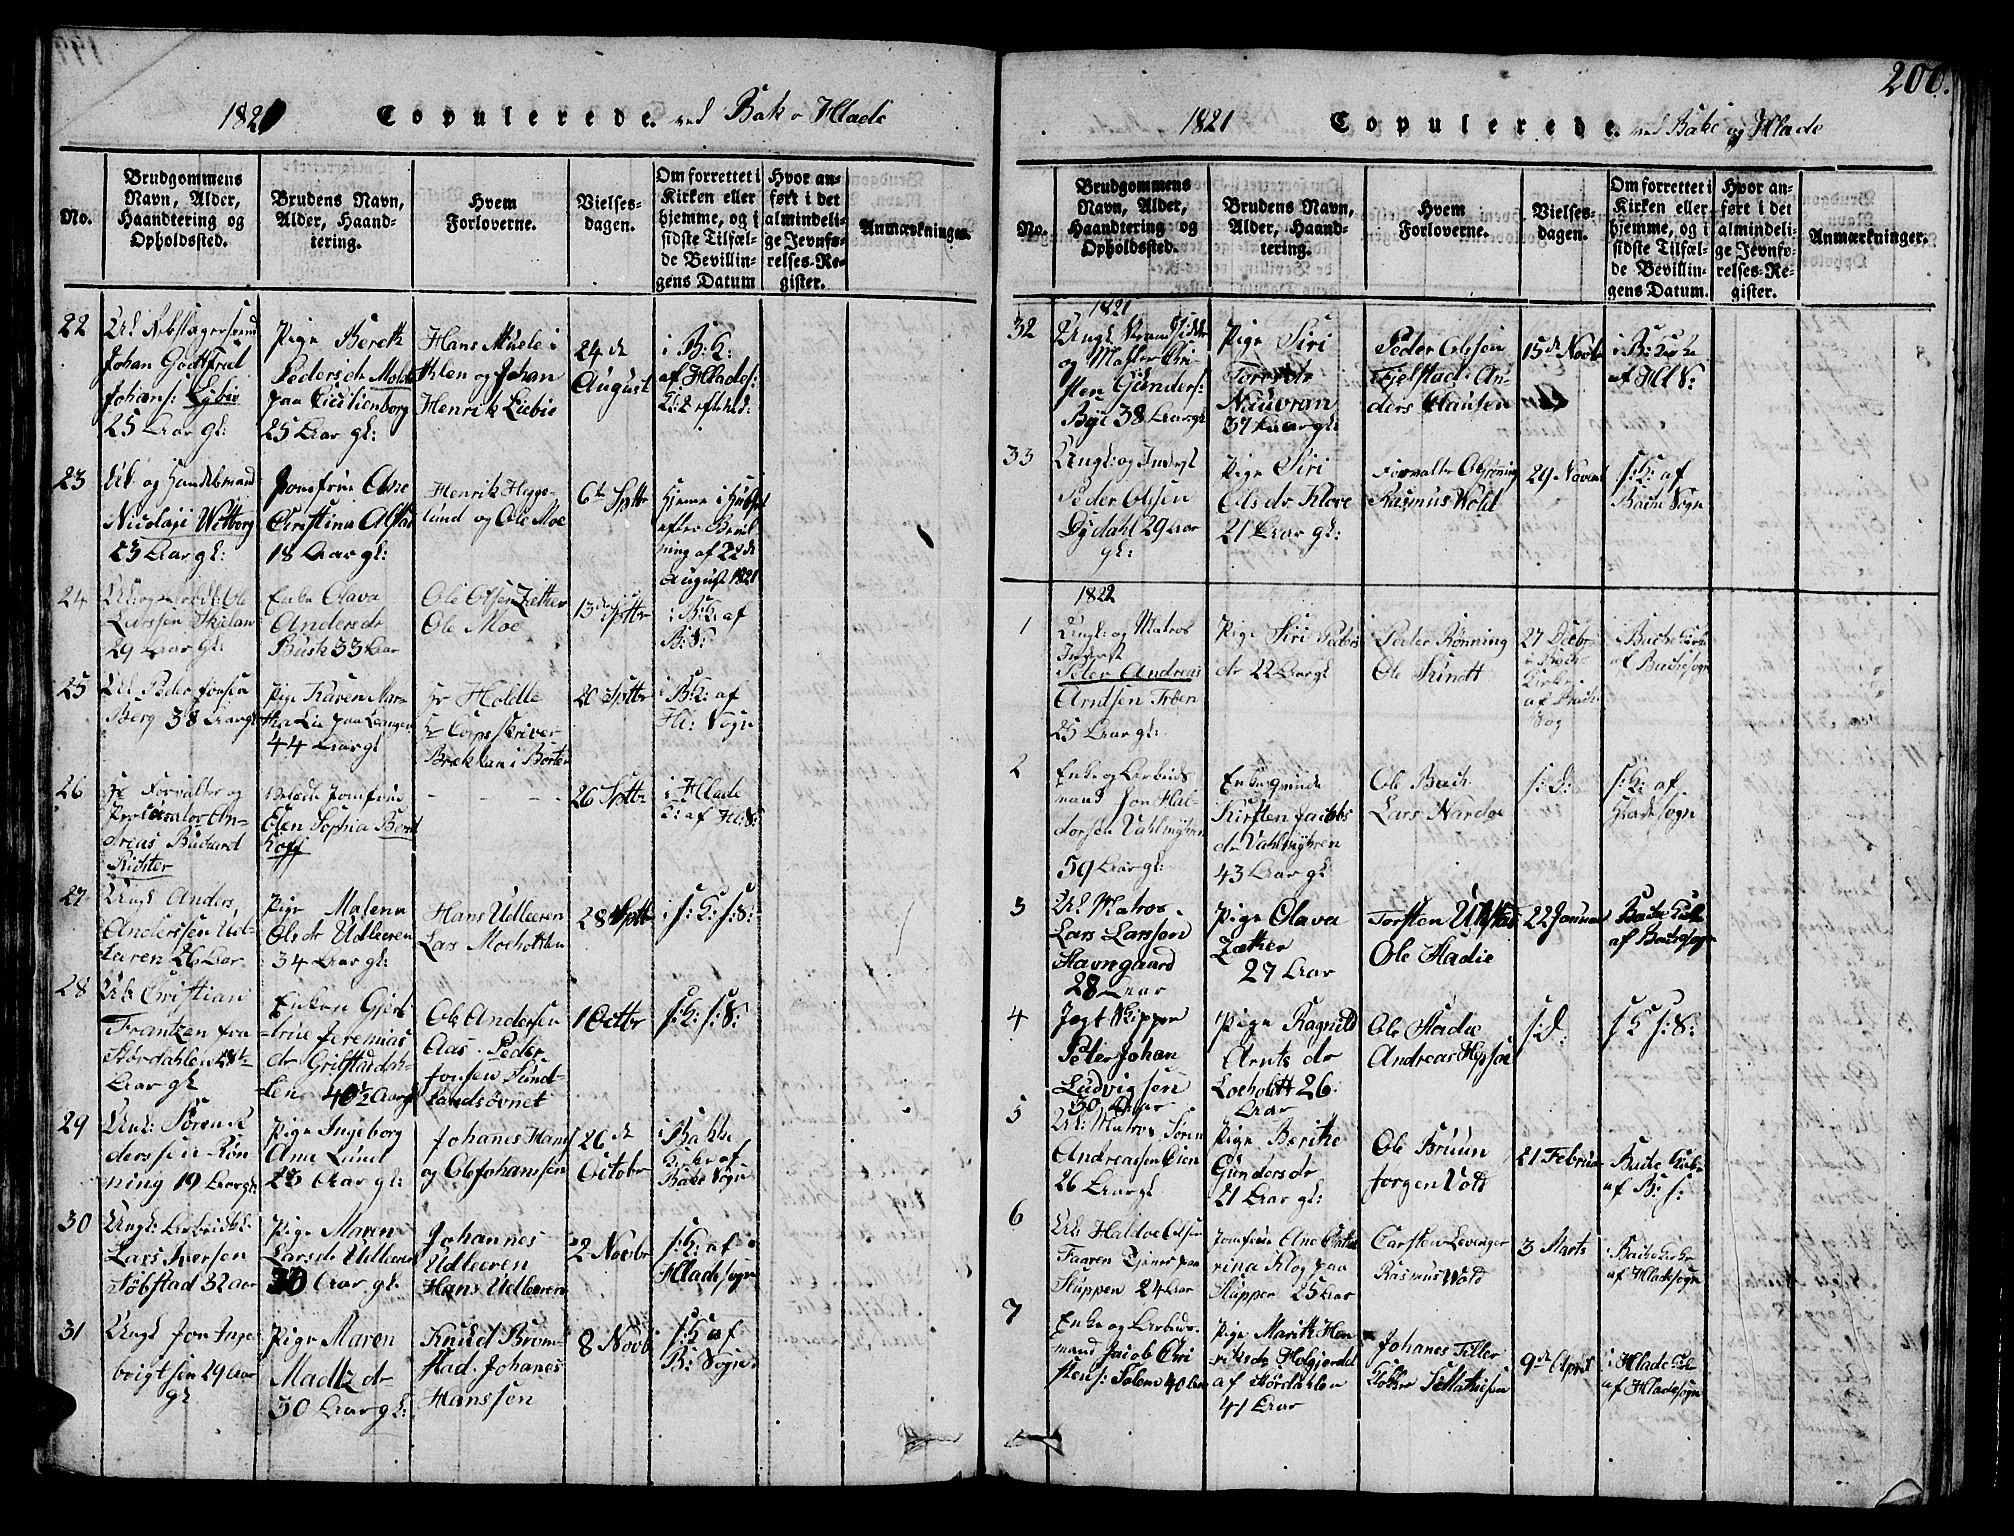 SAT, Ministerialprotokoller, klokkerbøker og fødselsregistre - Sør-Trøndelag, 606/L0307: Klokkerbok nr. 606C03, 1817-1824, s. 200